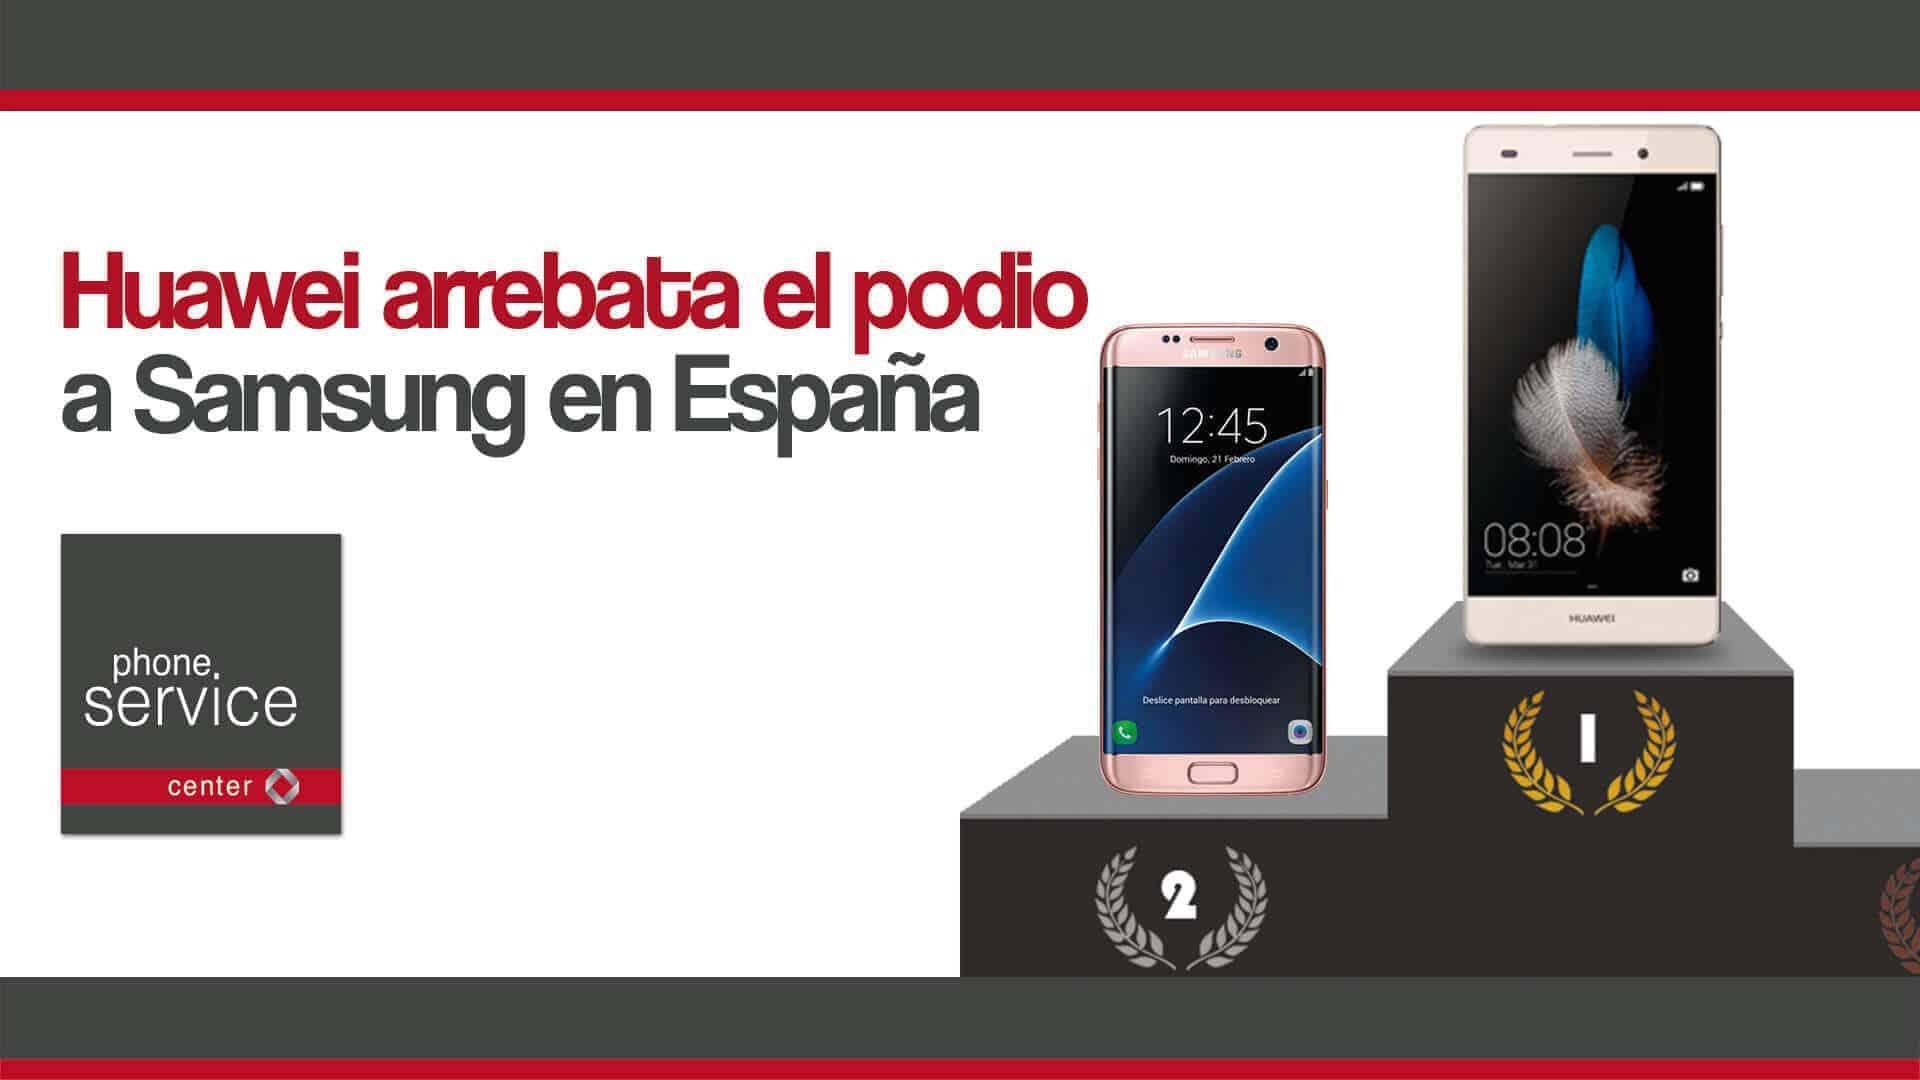 Huawei arrebata el podio a Samsung